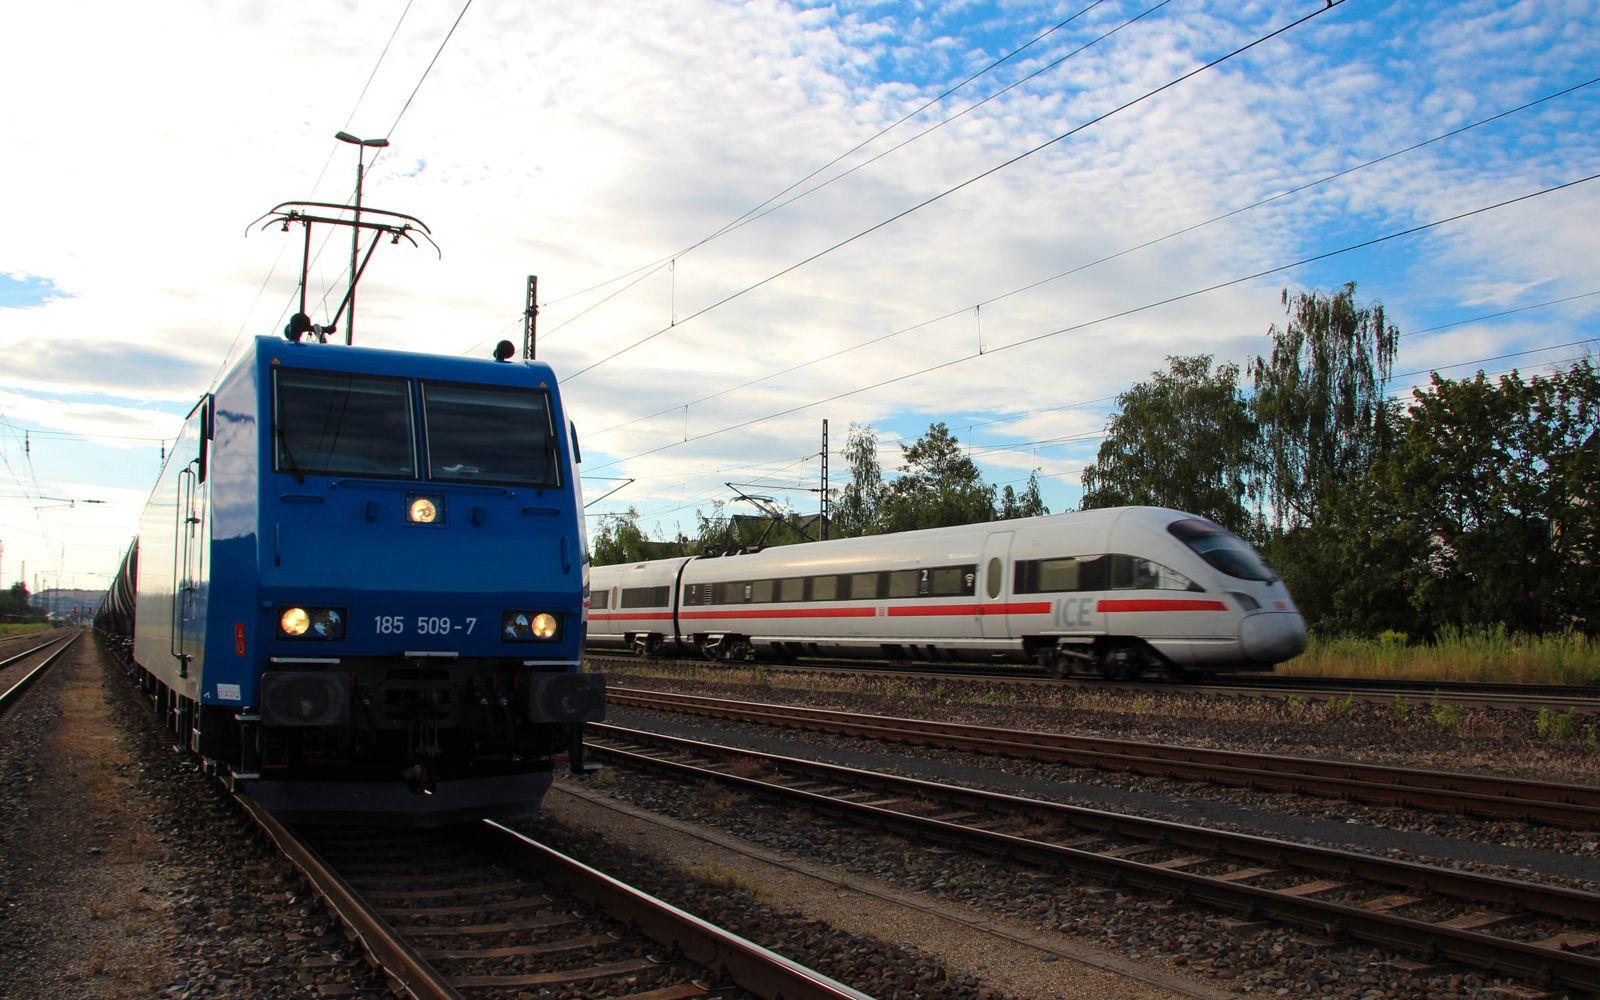 ©Foto: Denis Herwig   railmen   Lokführer im Dienst für InfraLeuna   ICE der Deutschen Bahn überholt Gütertransport mit Kesselwagen bei Eisenach